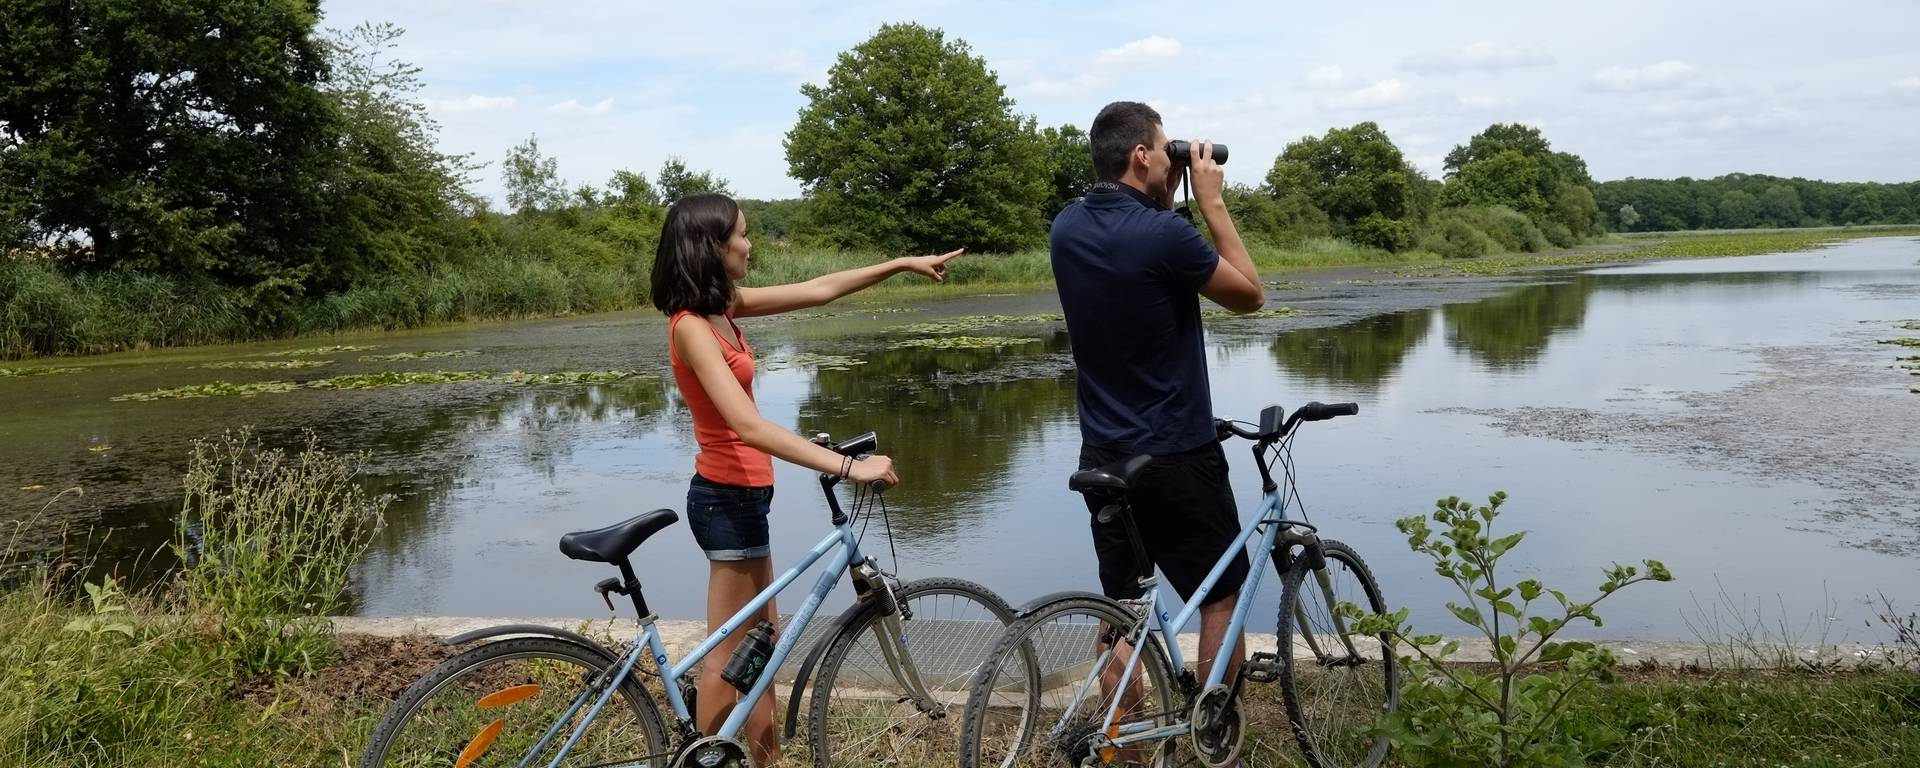 Tour du Lac du Der en vélo - Observer les oiseaux